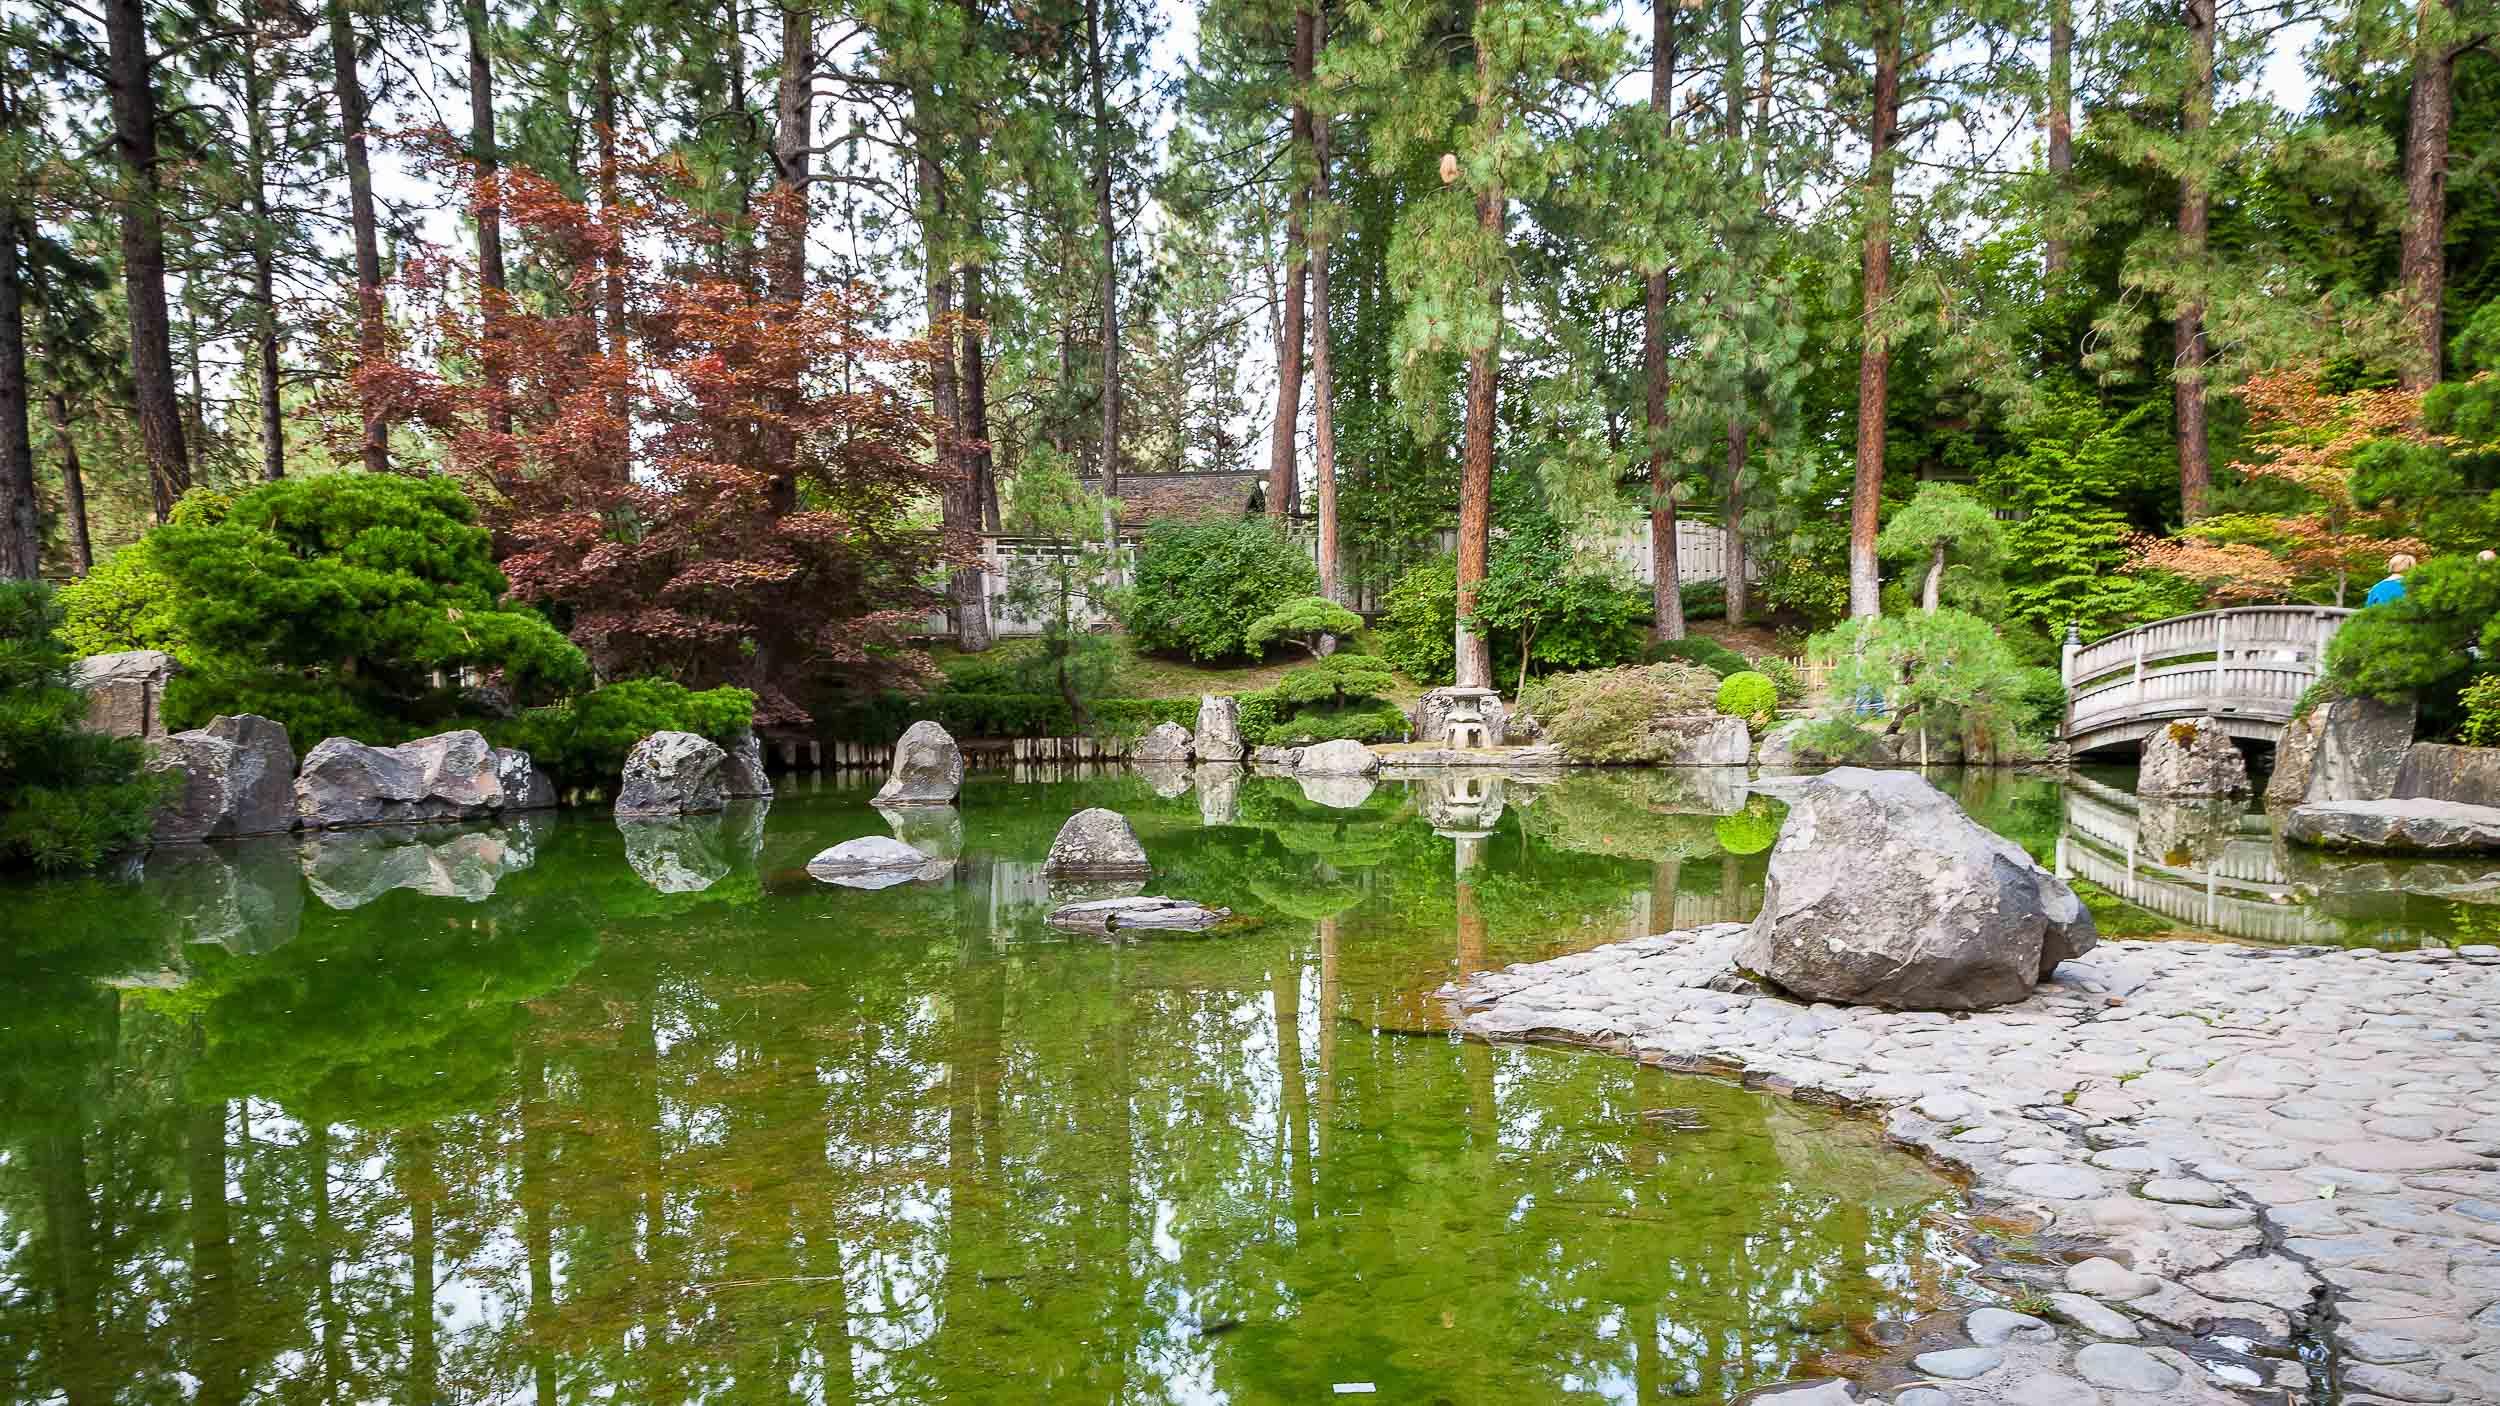 duncan-garden-spokane-washington-3.jpg